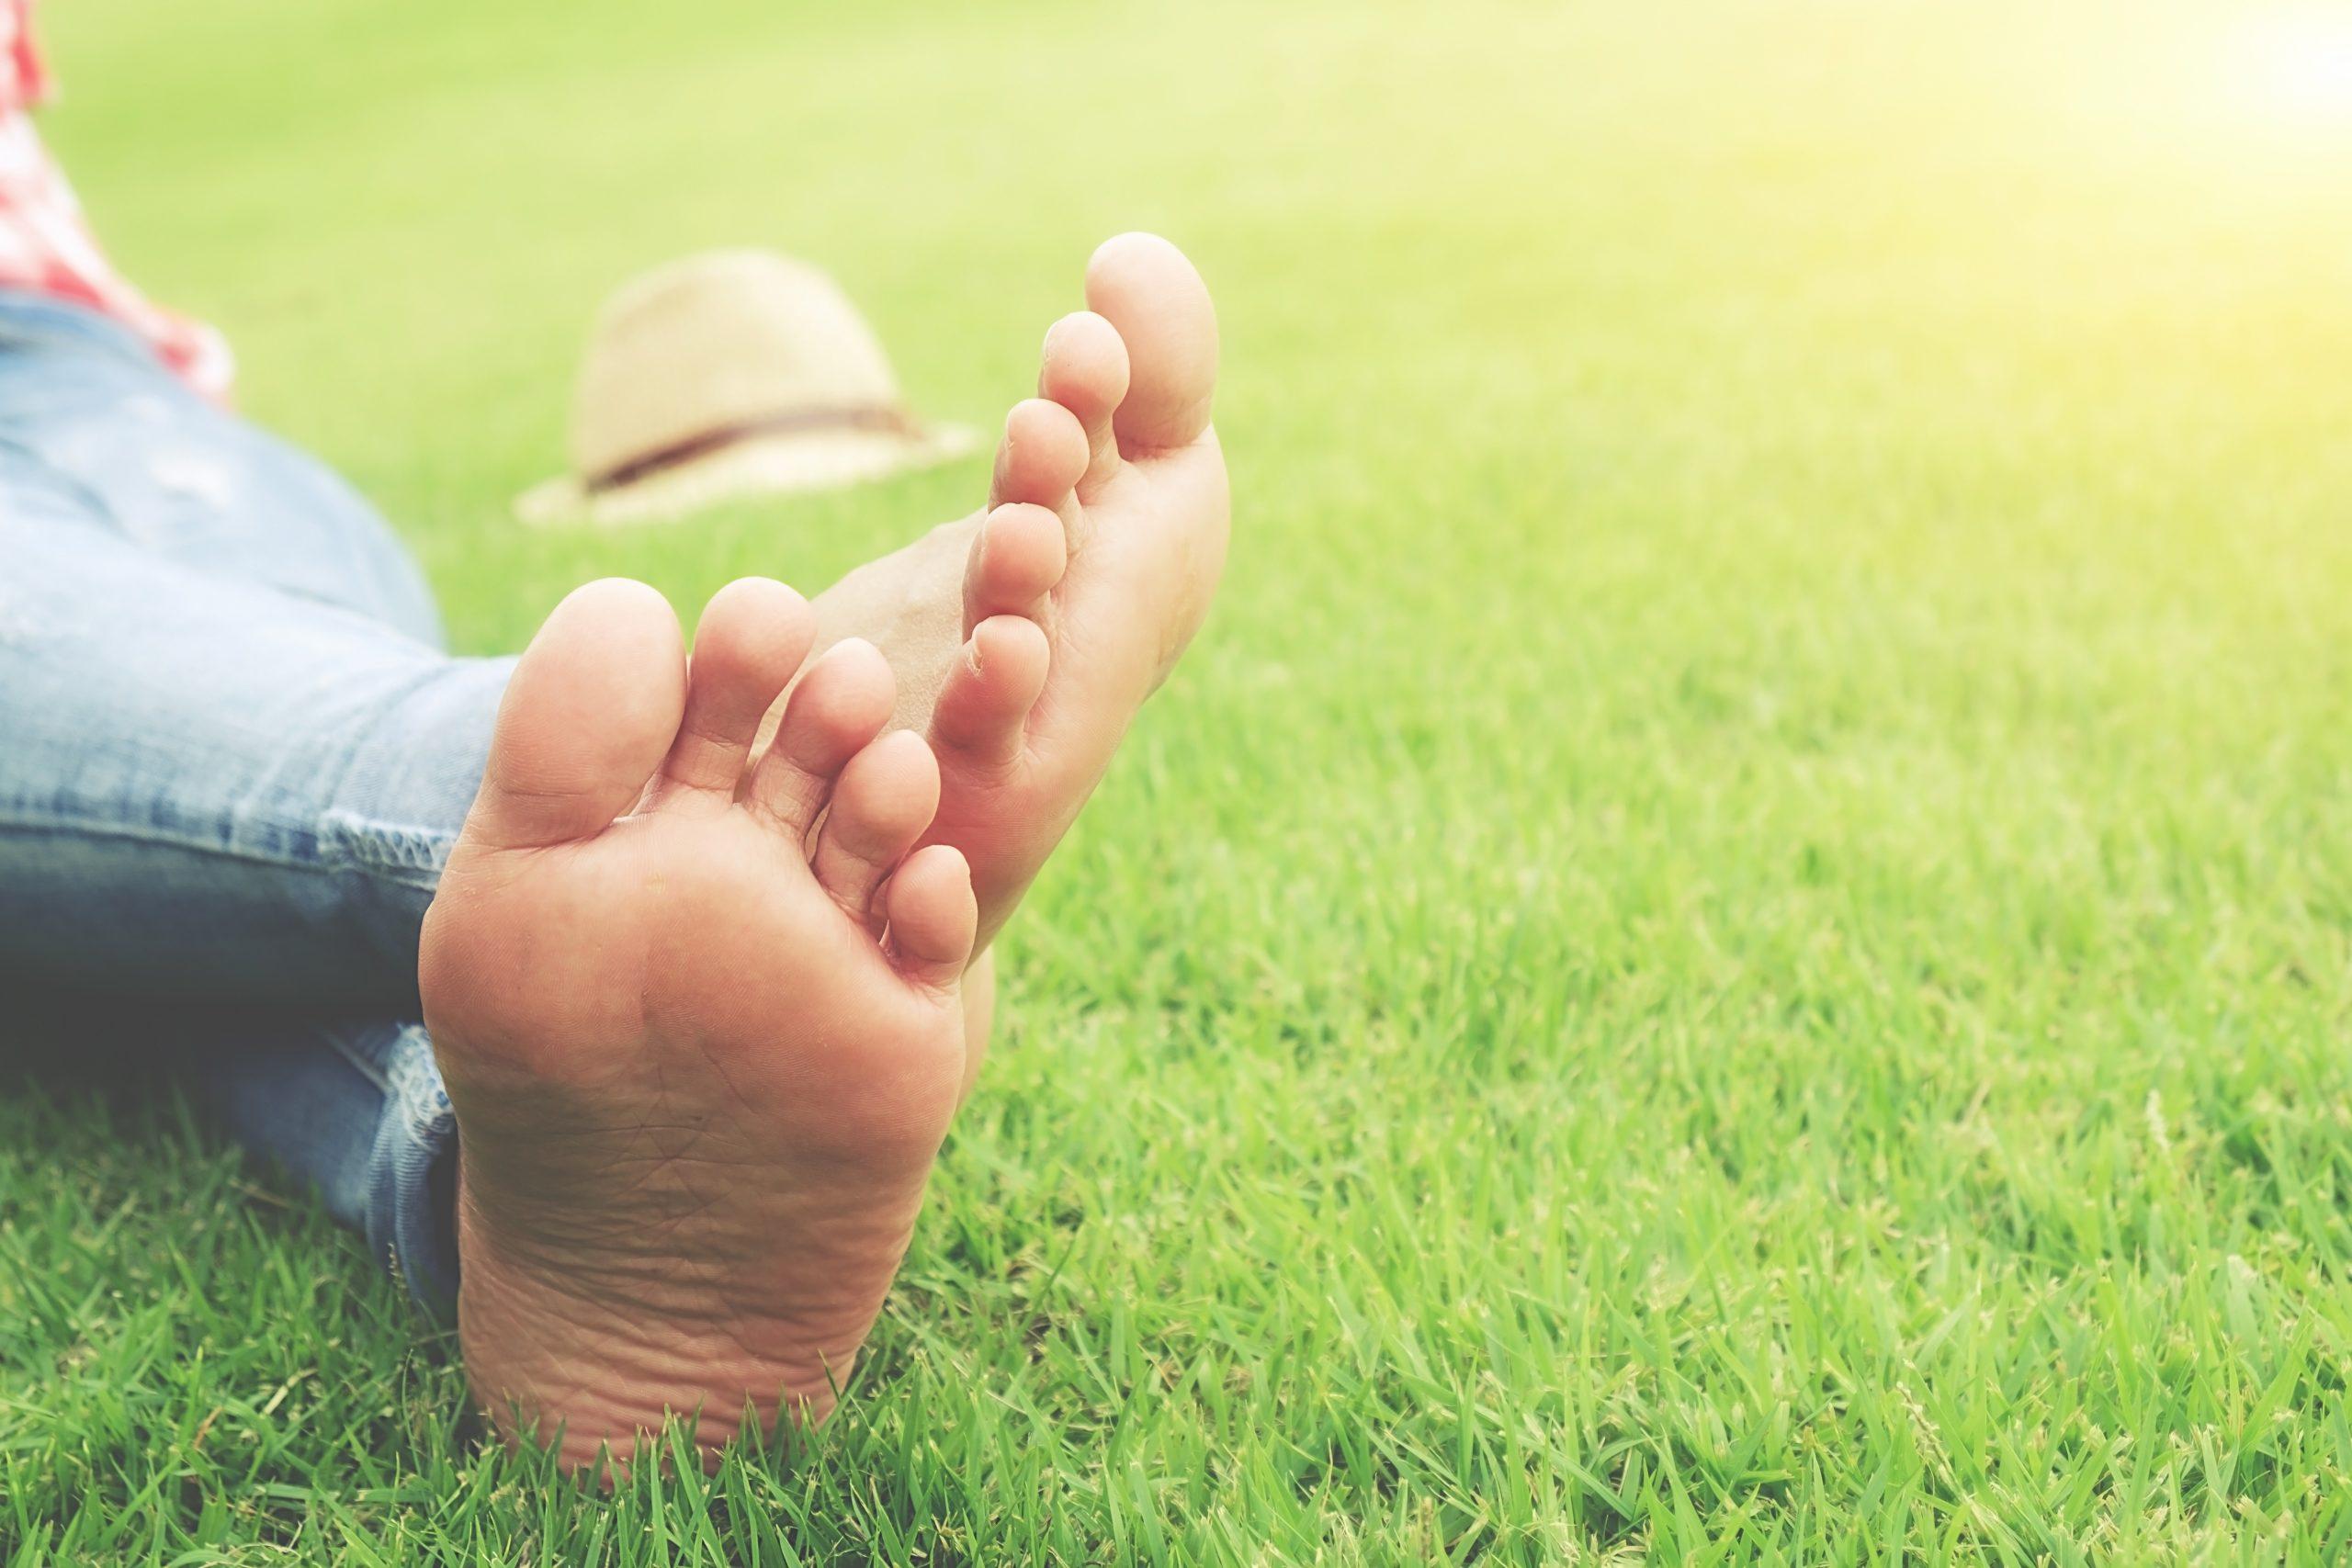 Andar descalzo refuerza los músculos del pie